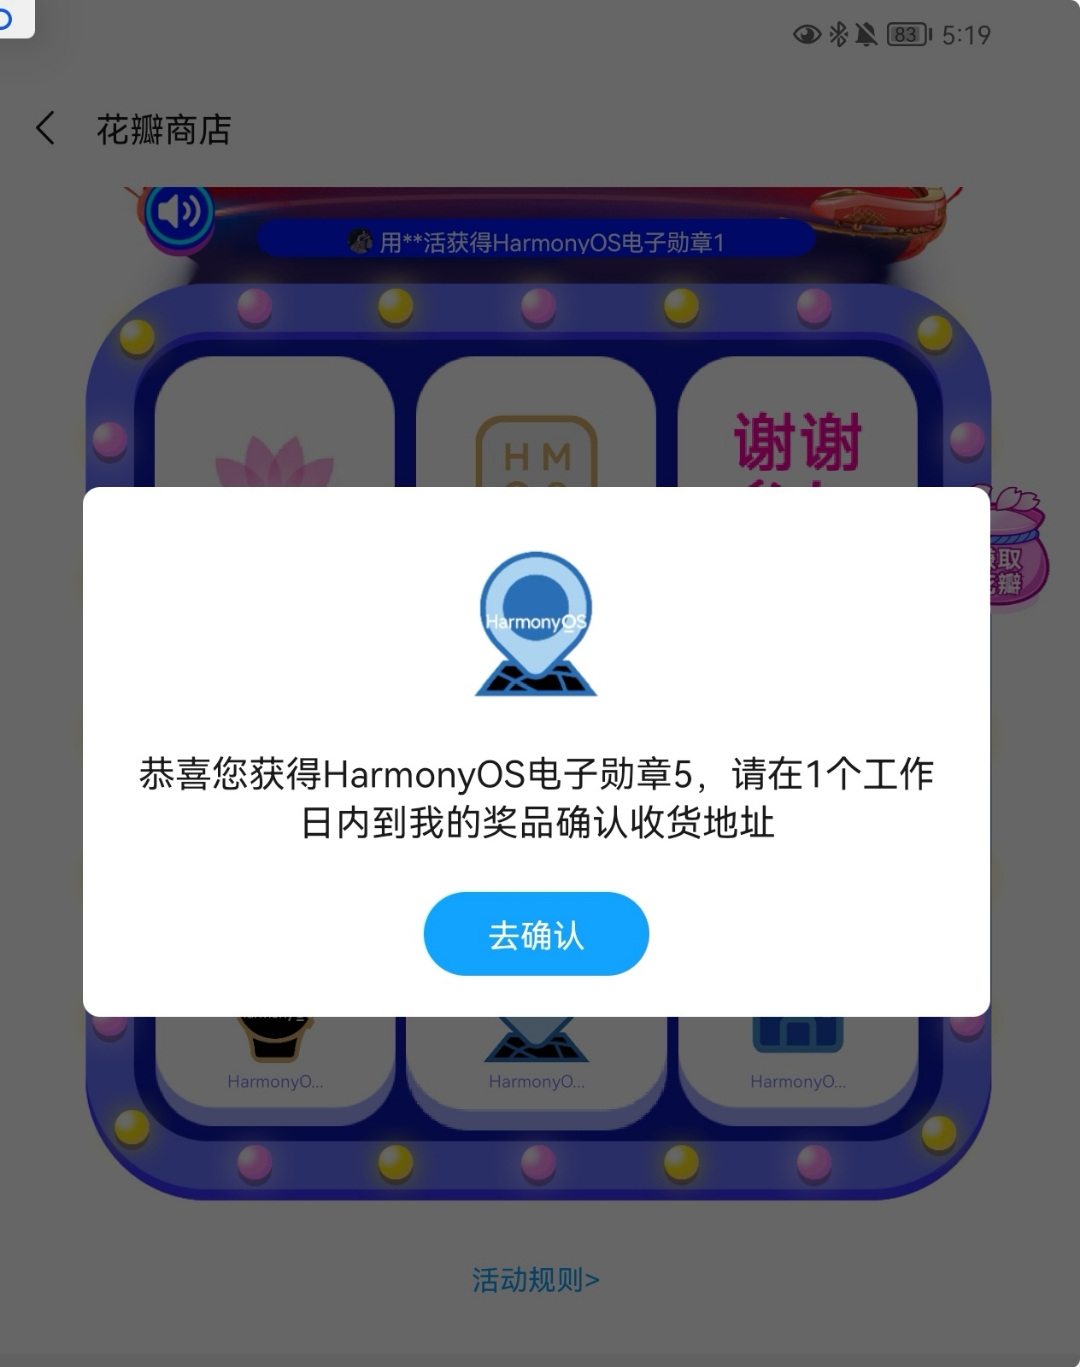 Screenshot_20210603_172033.jpg